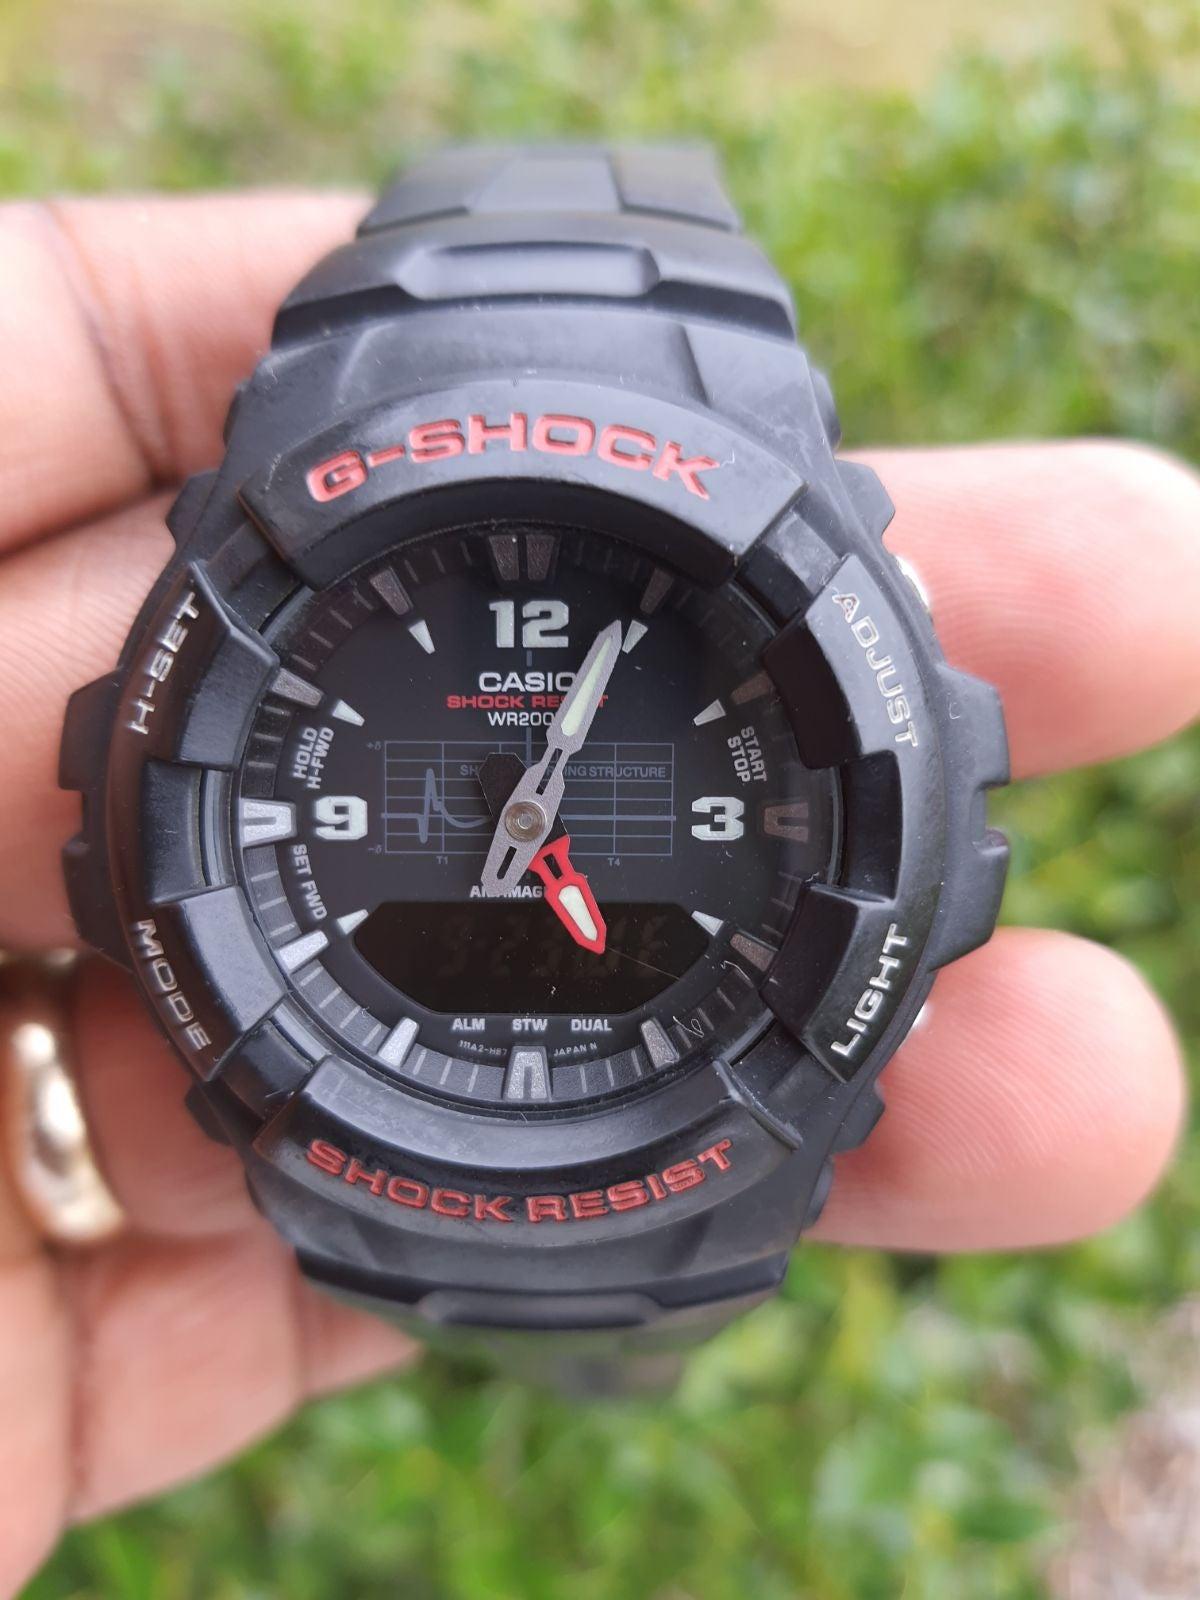 G Shock G100-1BV Analog Digital Wristwat